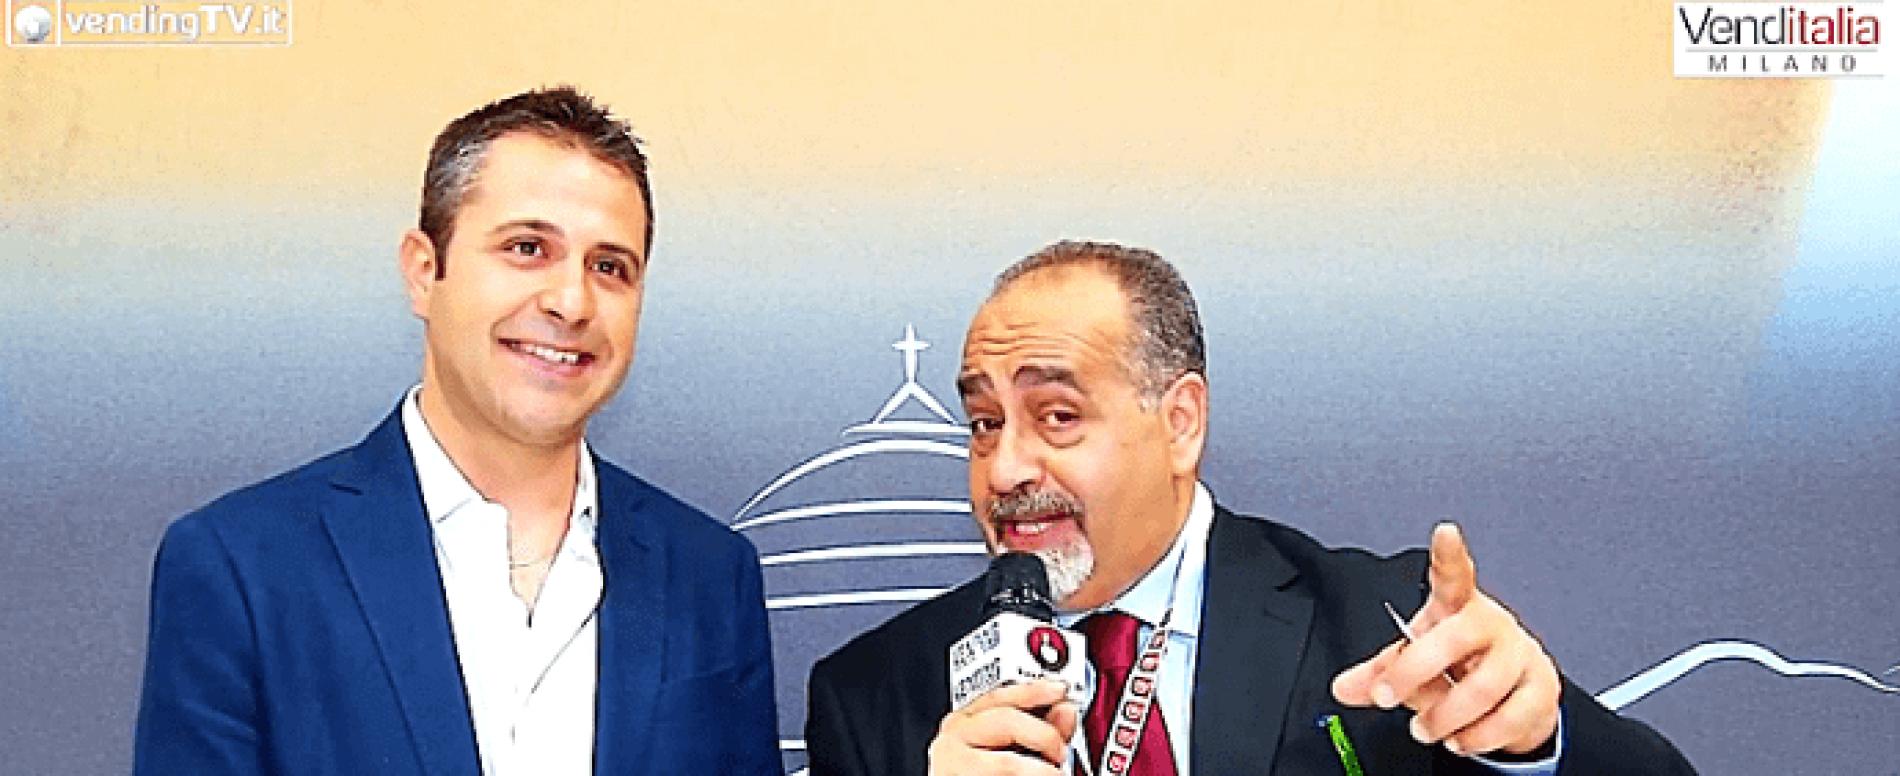 Venditalia 2018. Intervista con Andrea Cotino di Caffè Moreno